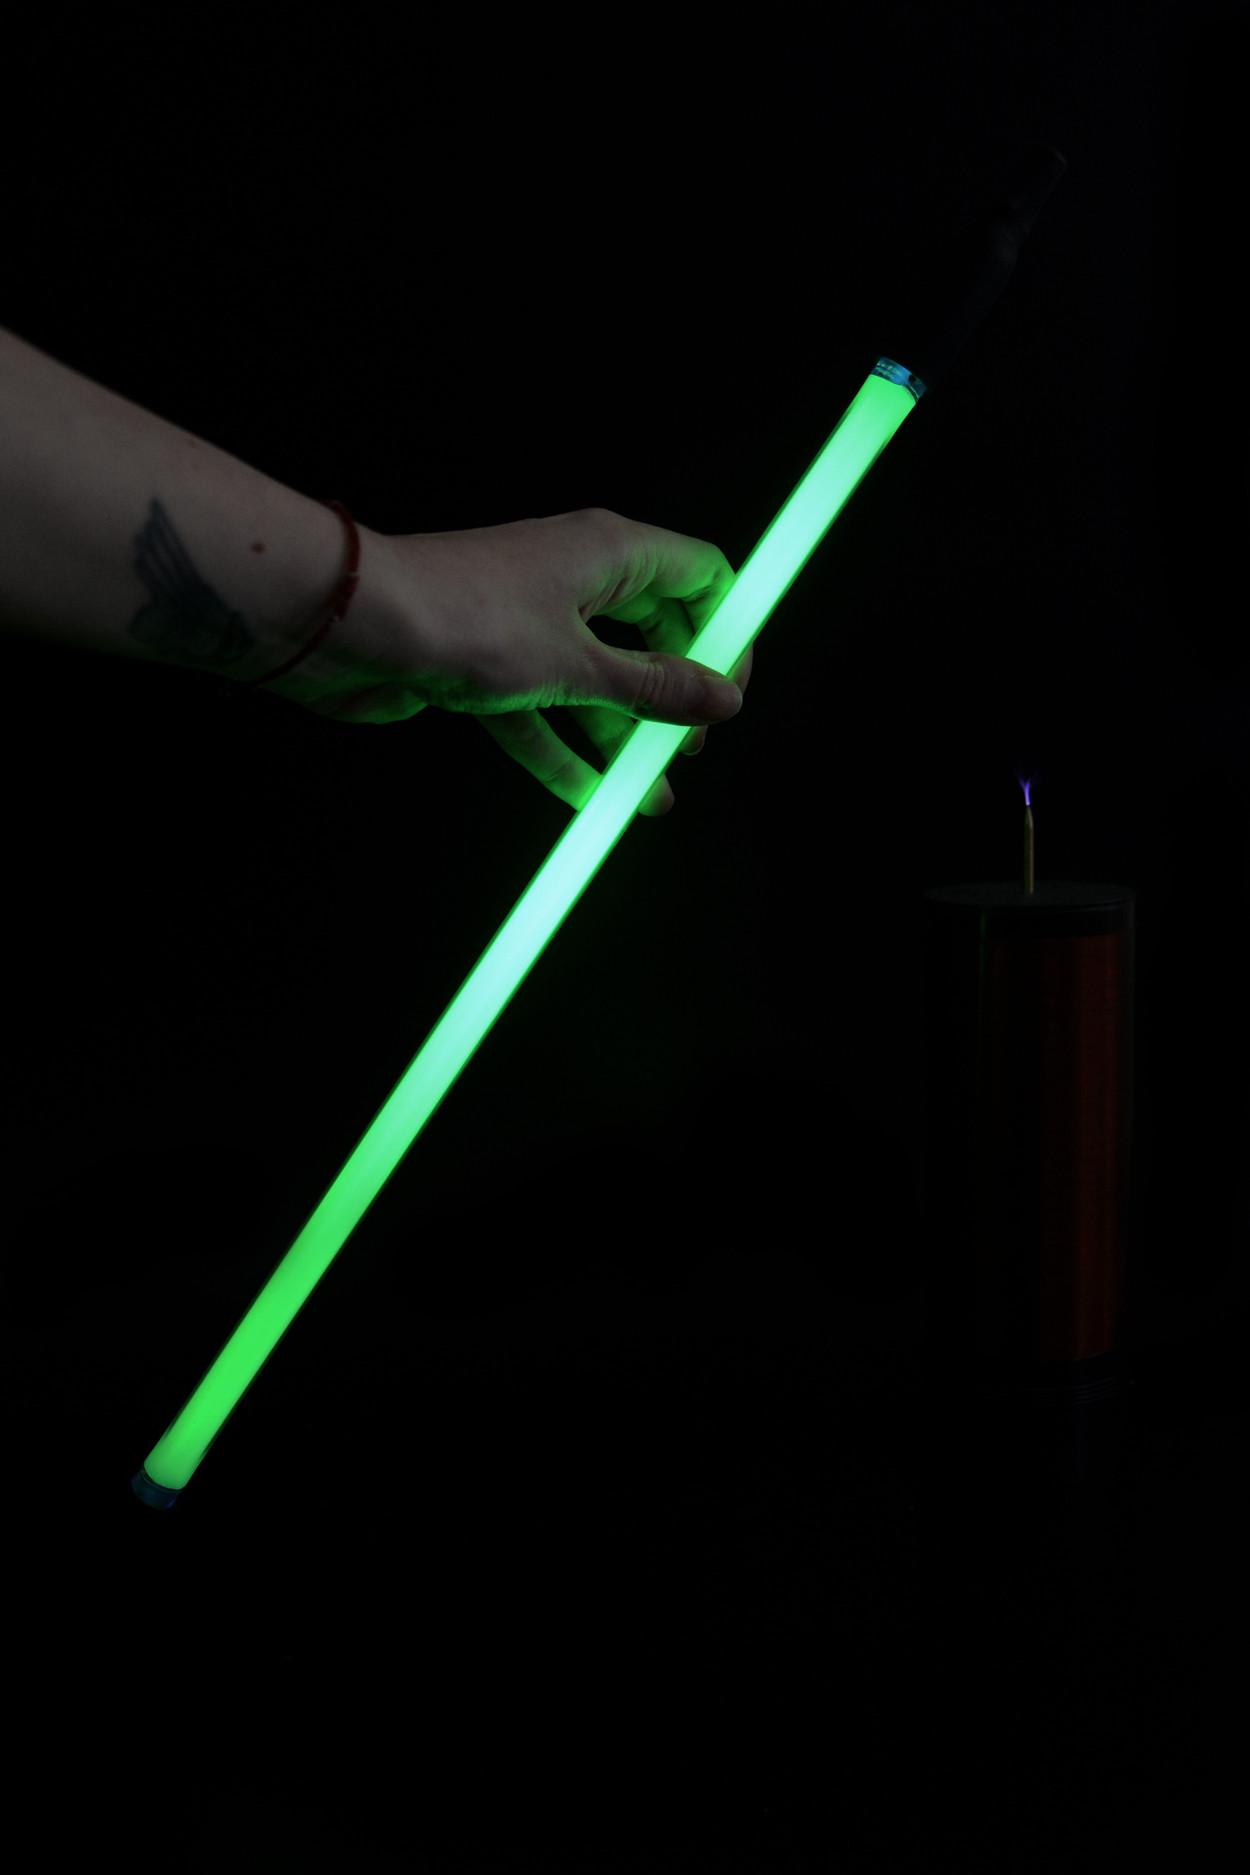 Неоновая трубка 40см Зеленая